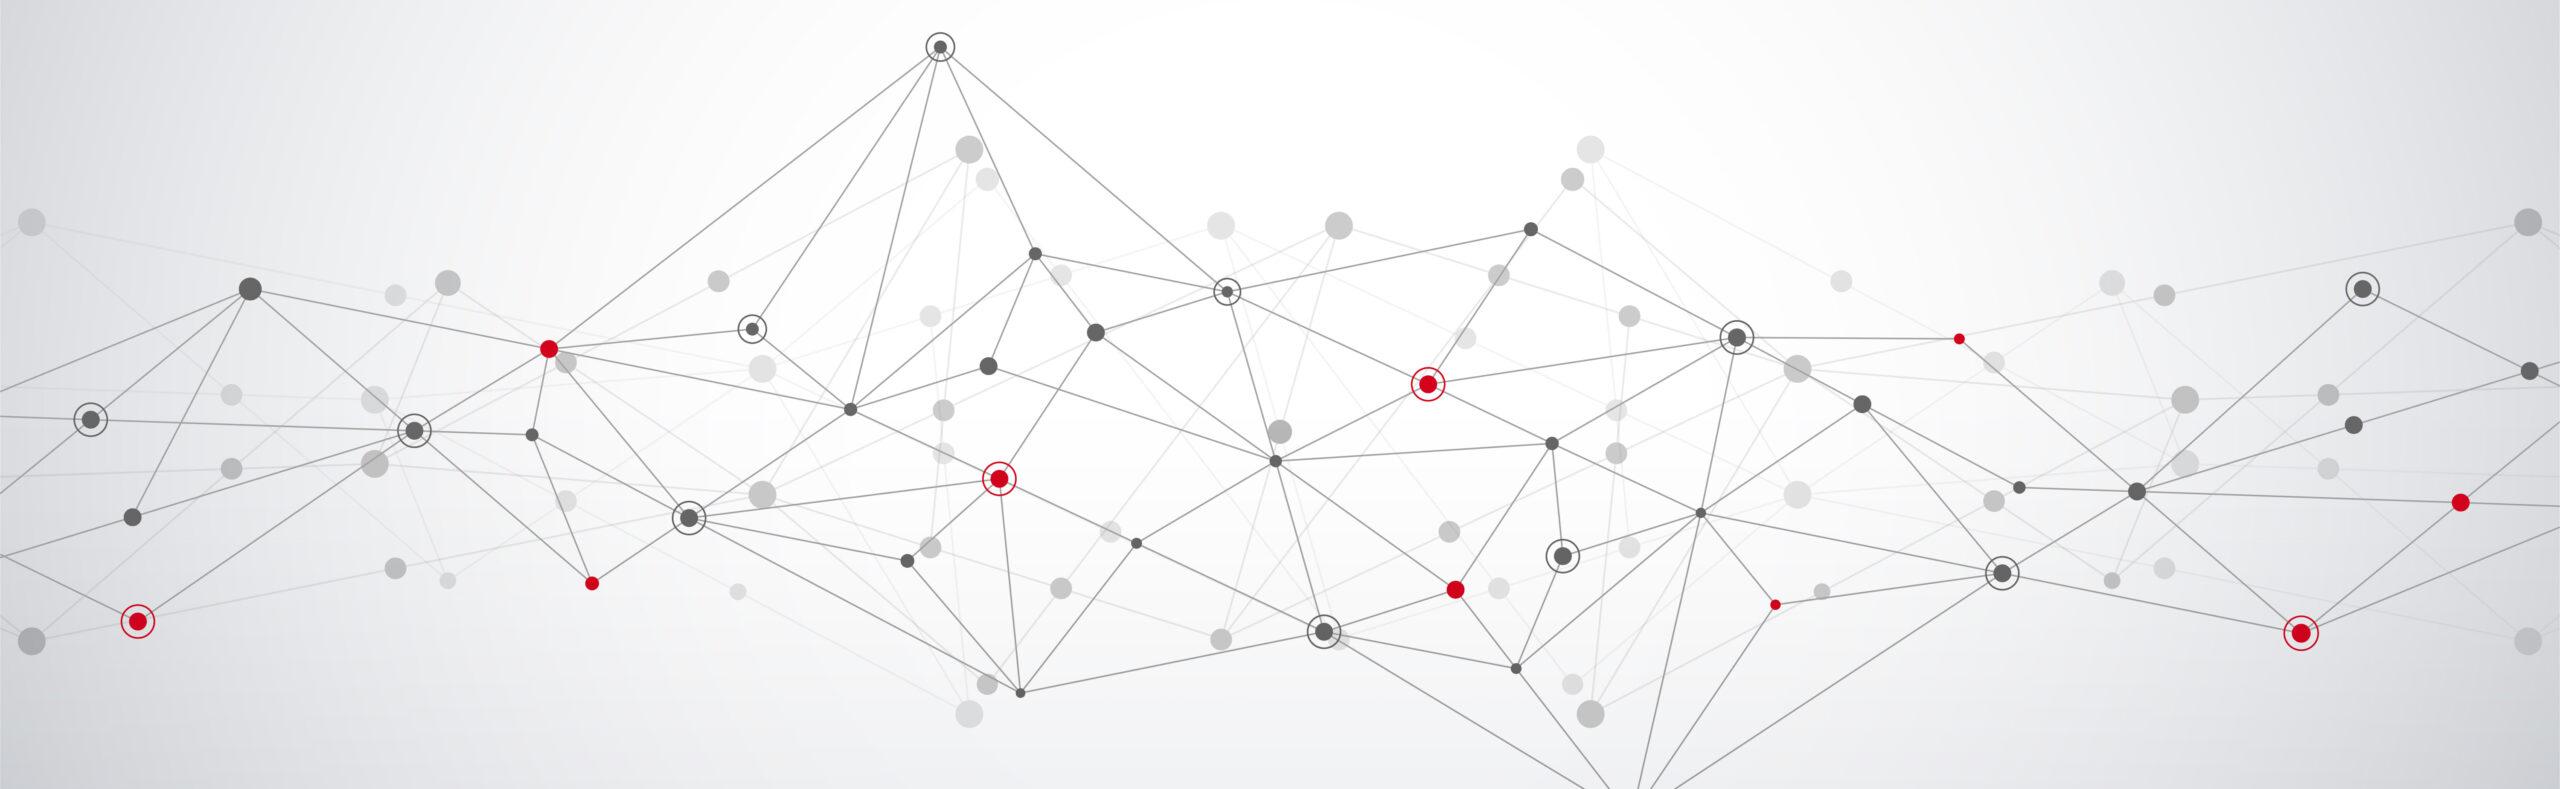 image symbolizing networking